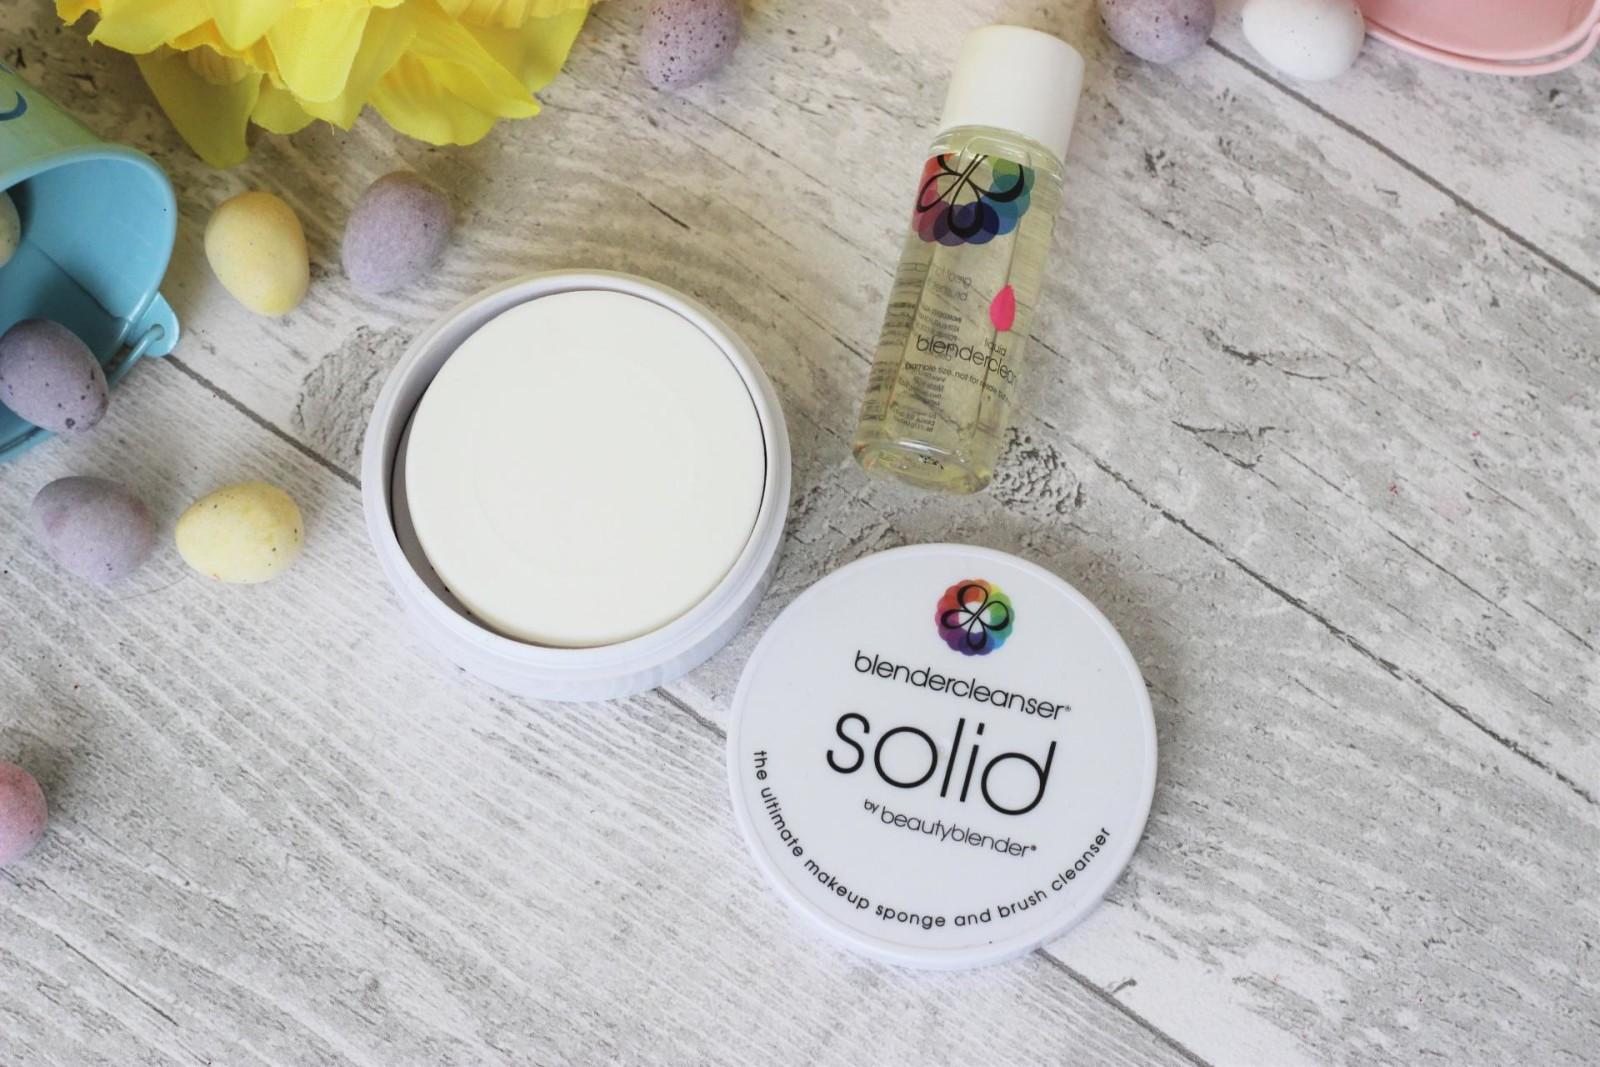 BeautyBlender BeautyCleanser BeautyBlender Solid Cleanser